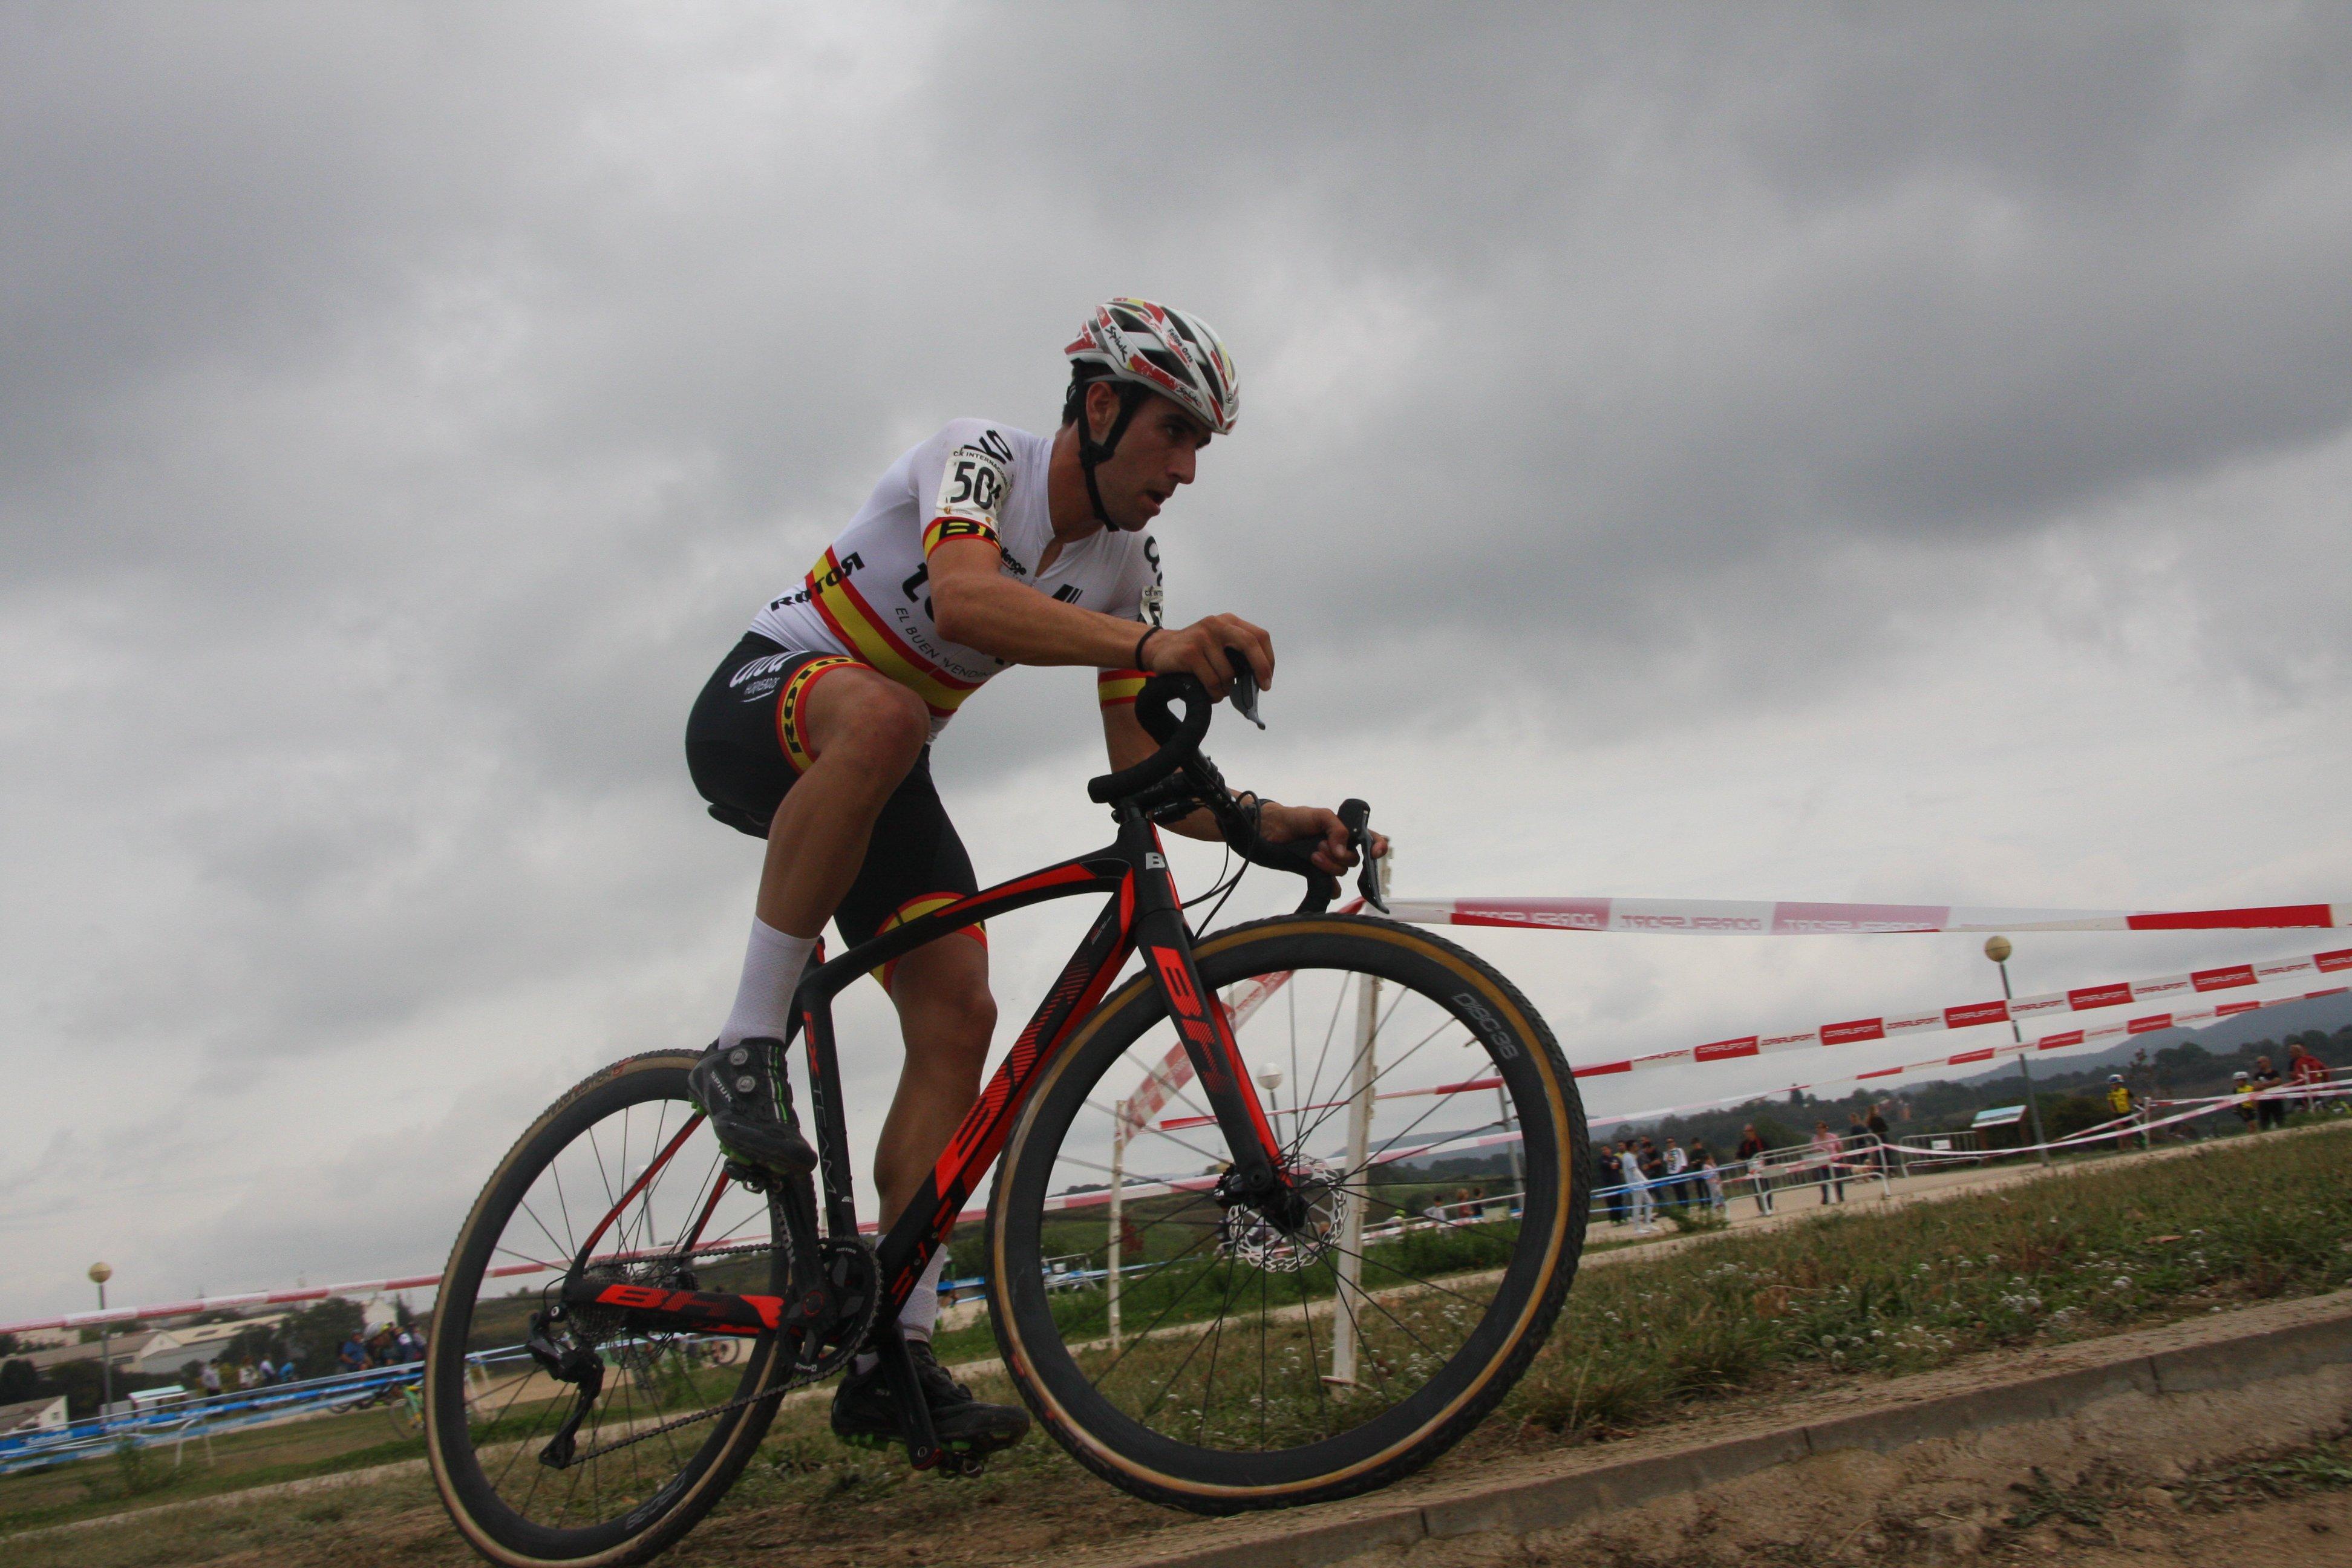 felipe orts - 10 grandes protagonistas del ciclocross 2020-21